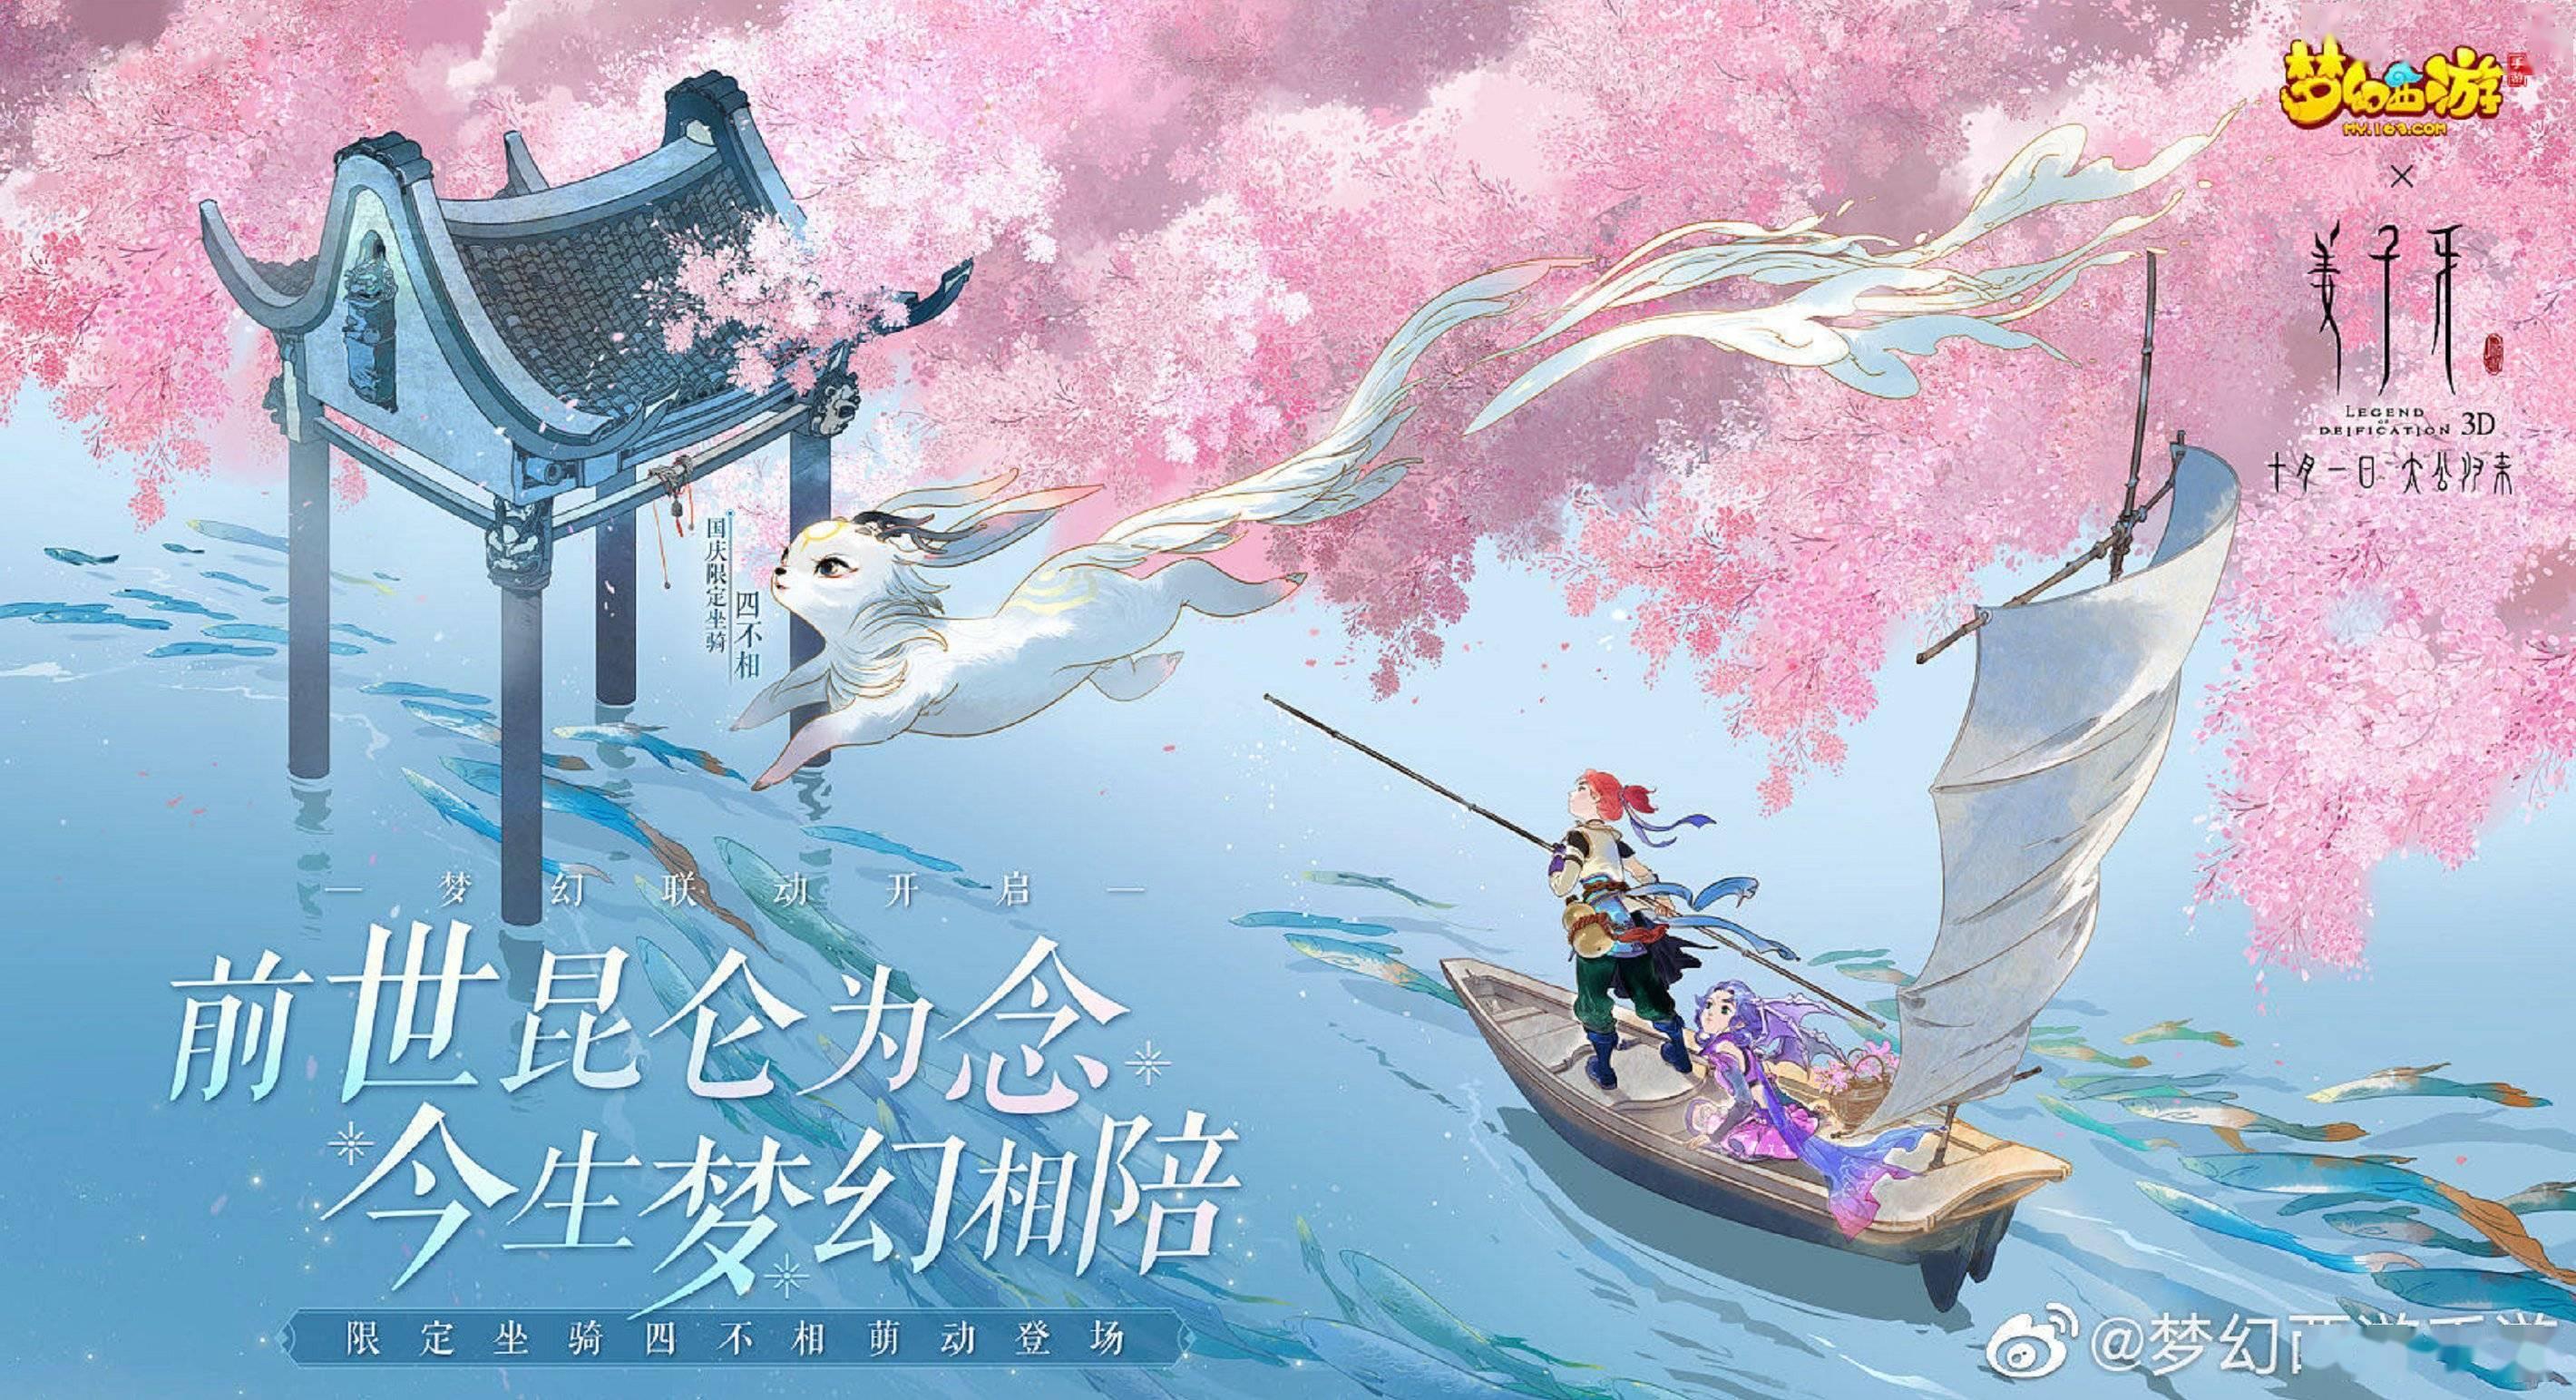 《梦幻西游》手游X电影《姜子牙》联动开启  四不相超萌坐骑陪伴